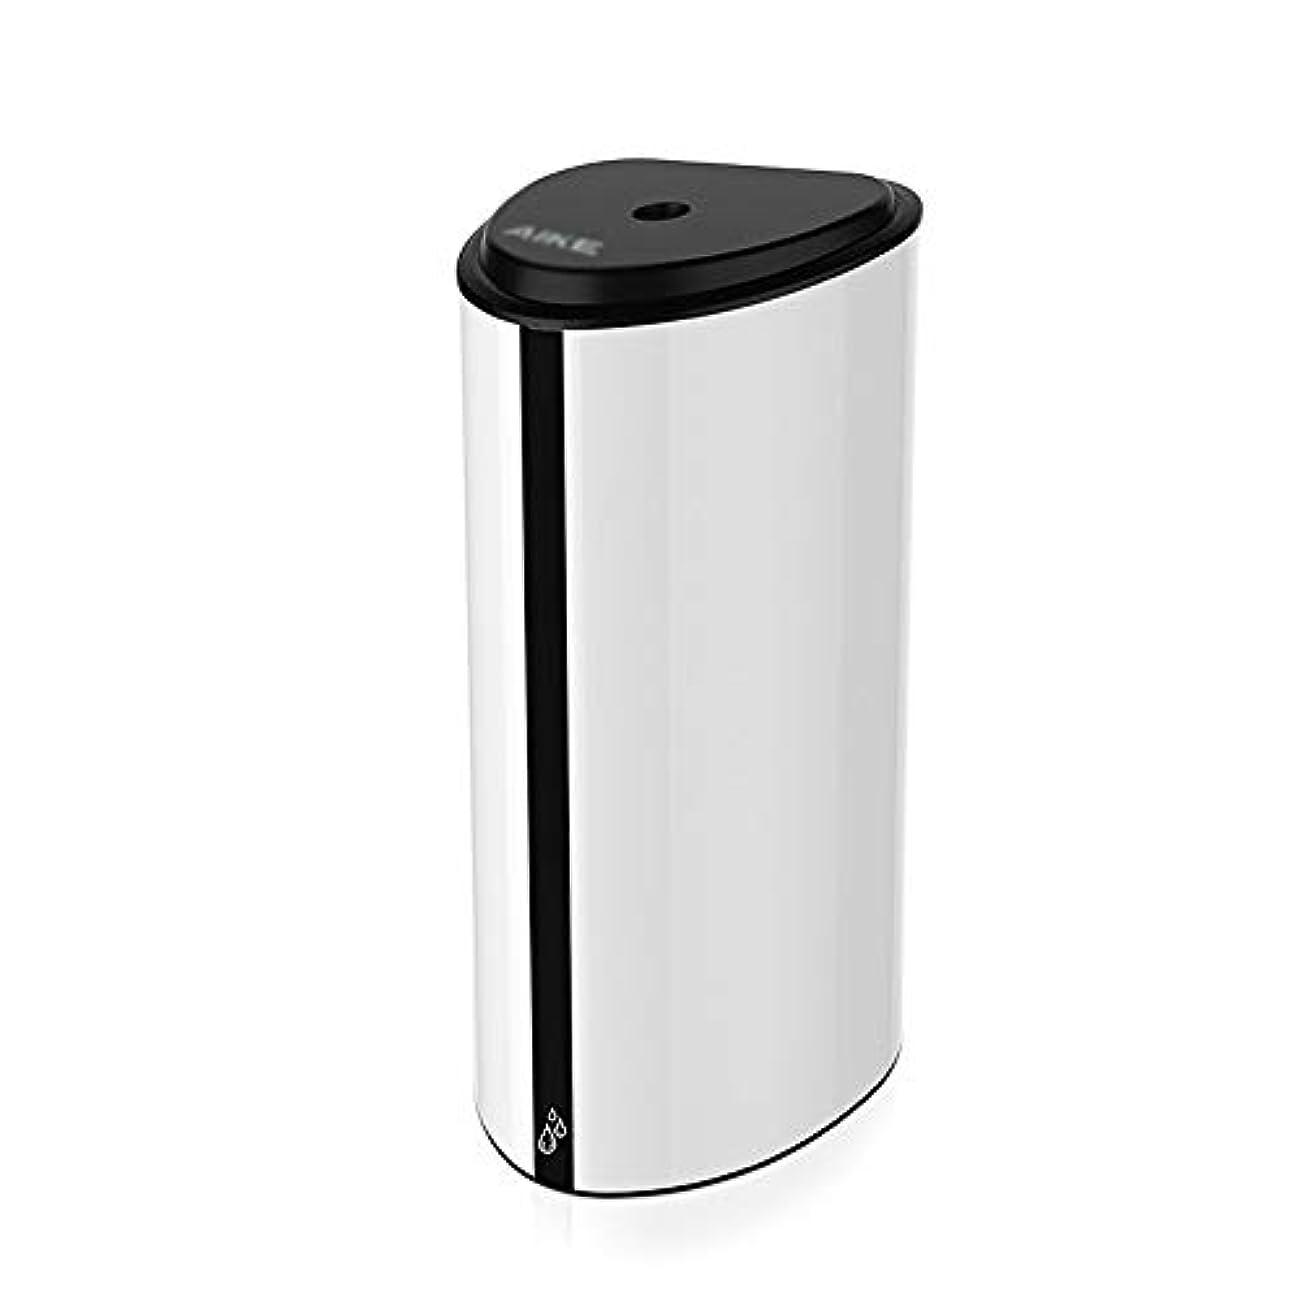 ペニー解体するルーソープディスペンサー 800ミリリットル容量の自動ソープディスペンサーは、タッチレスバッテリーは、ハンズフリーソープディスペンサーを運営しました ハンドソープ 食器用洗剤 キッチン 洗面所などに適用 (Color : White...